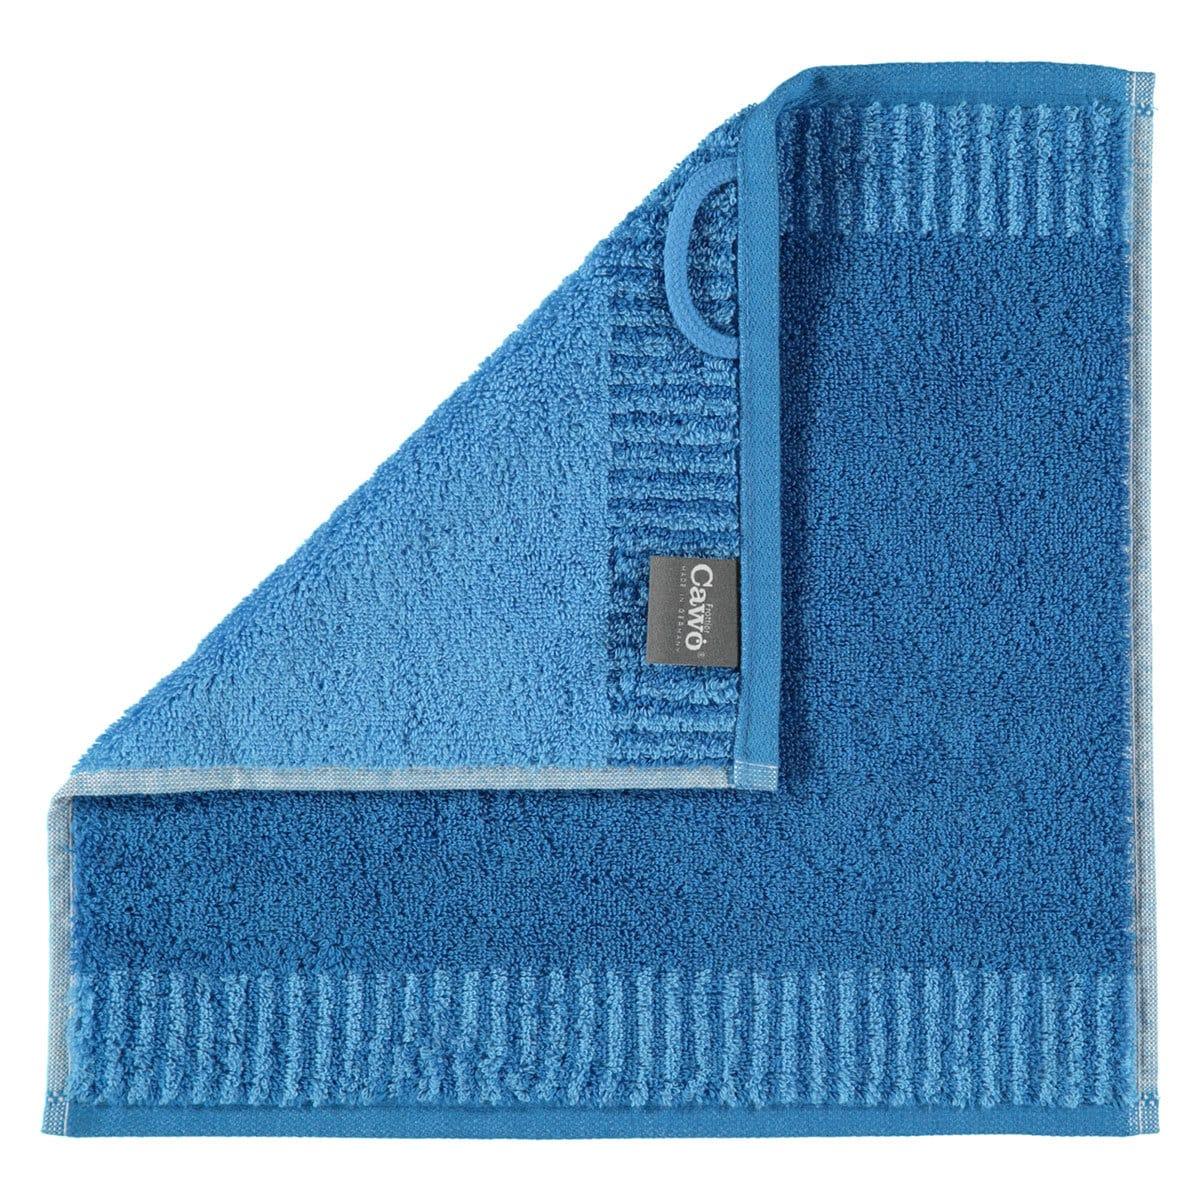 caw handt cher regatta 625 wendetuch blau g nstig online kaufen bei bettwaren shop. Black Bedroom Furniture Sets. Home Design Ideas